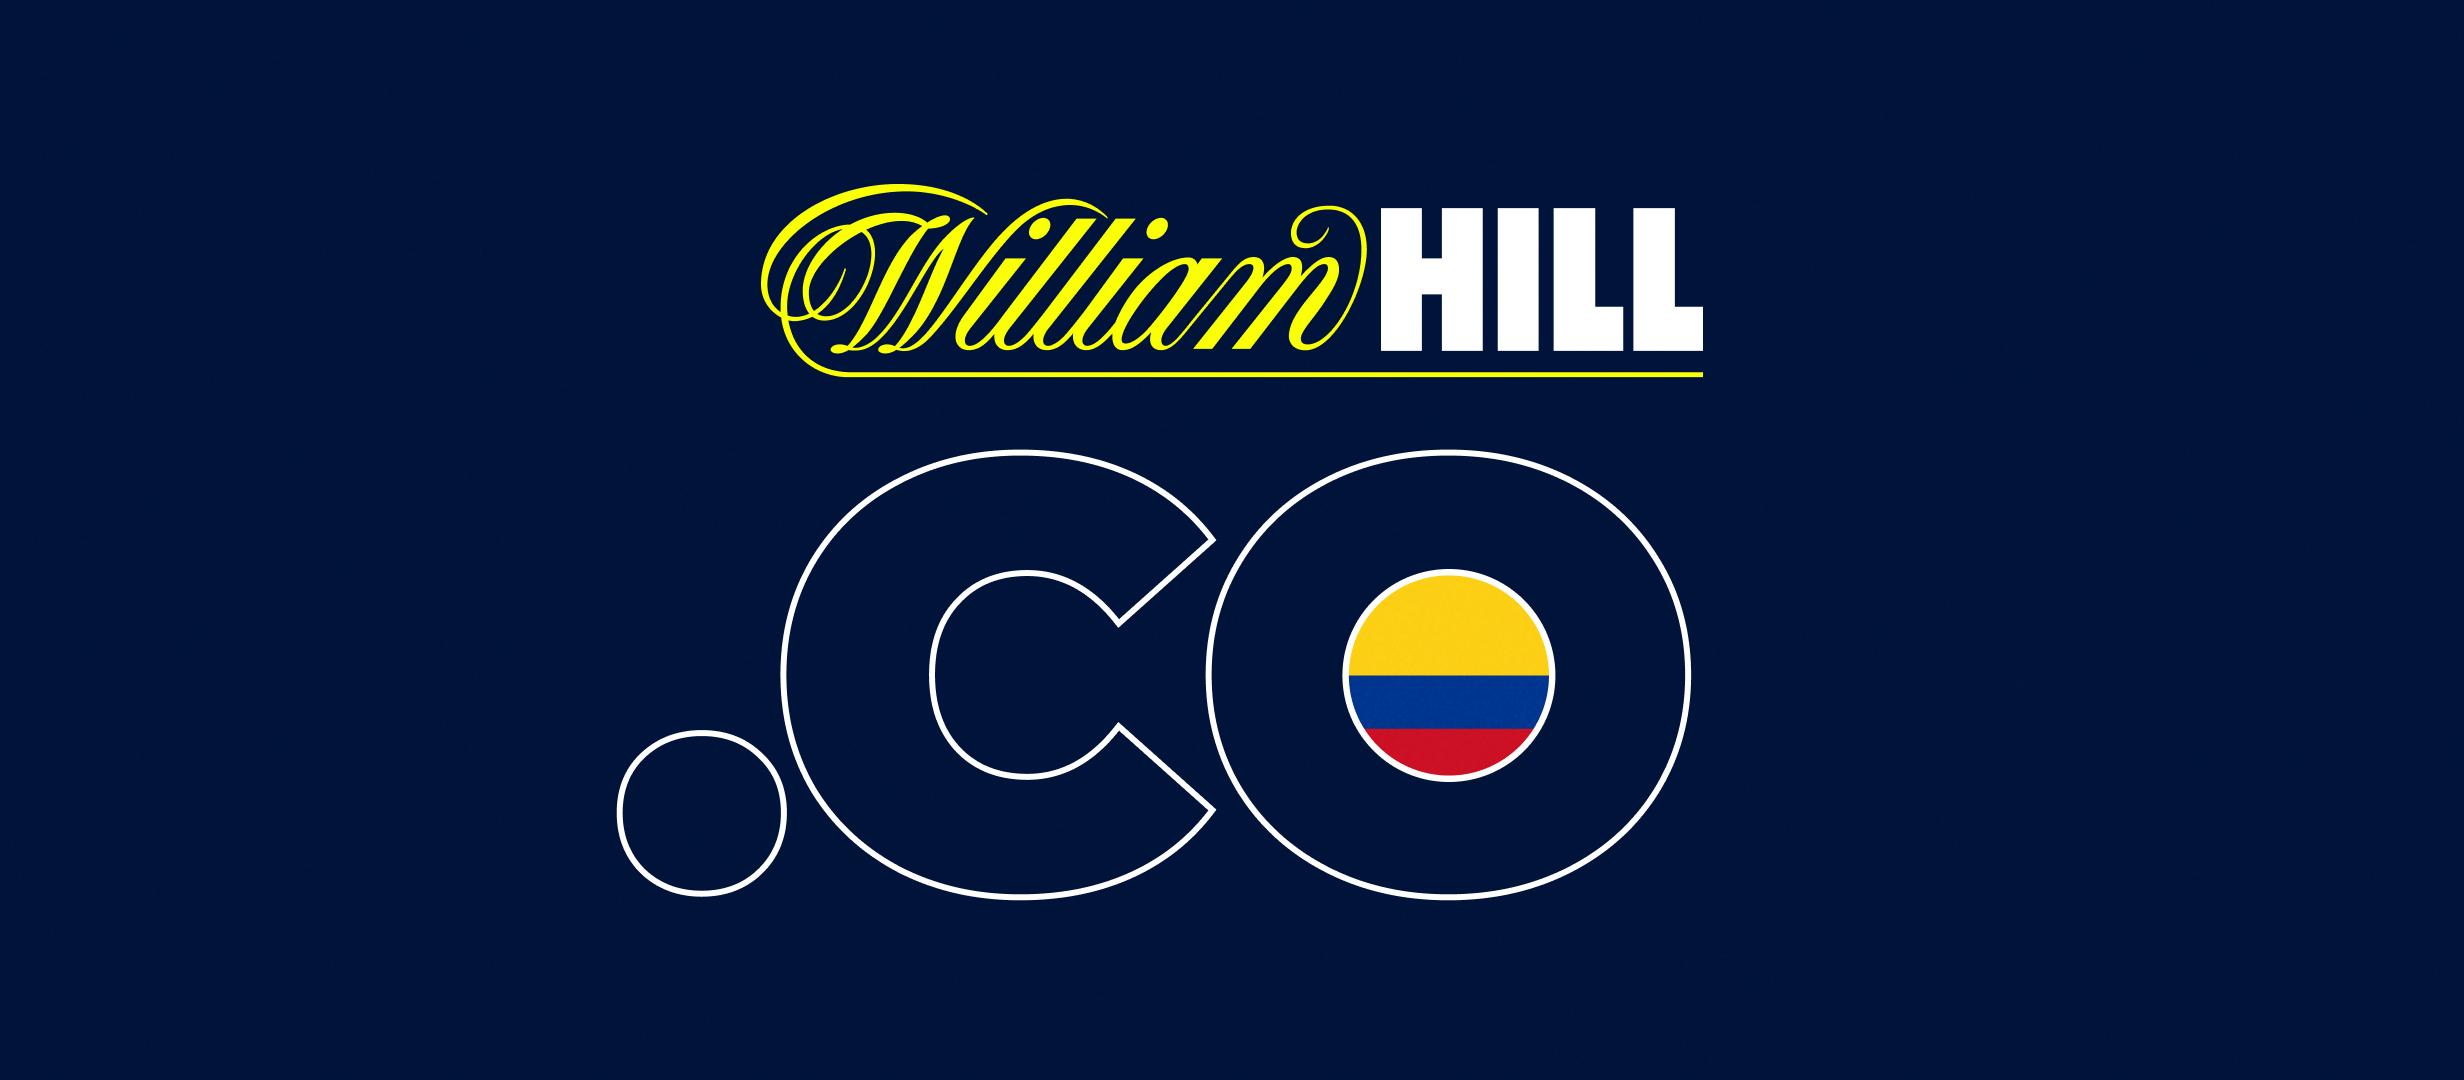 La casa de apuestas mas antigua llega a Colombia !William Hill!